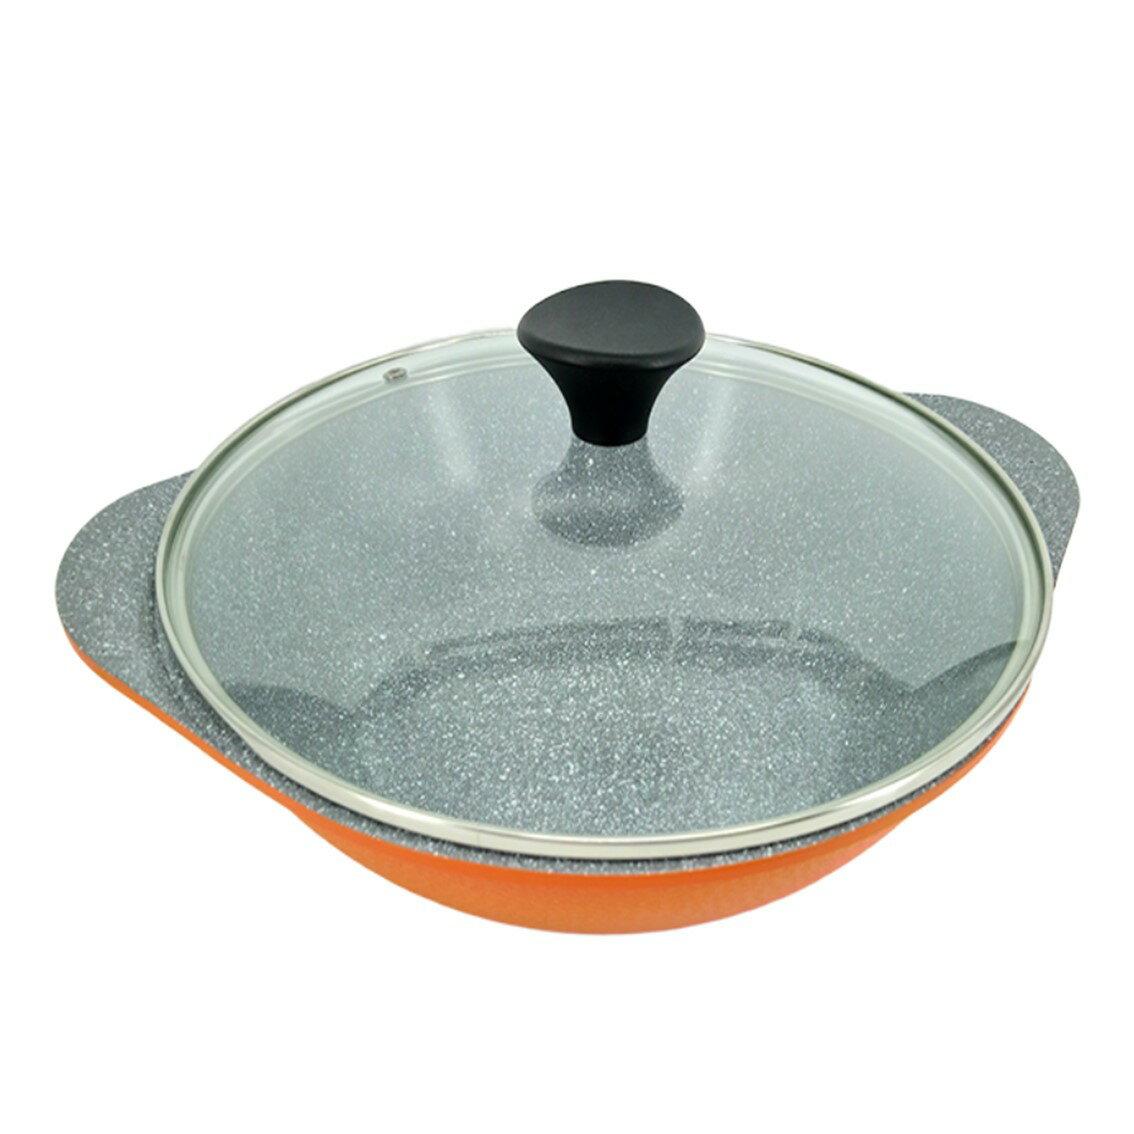 韓國Ecoramic鈦晶石頭抗菌不沾鍋  28 com 橘色 煮鍋 (附鍋蓋)